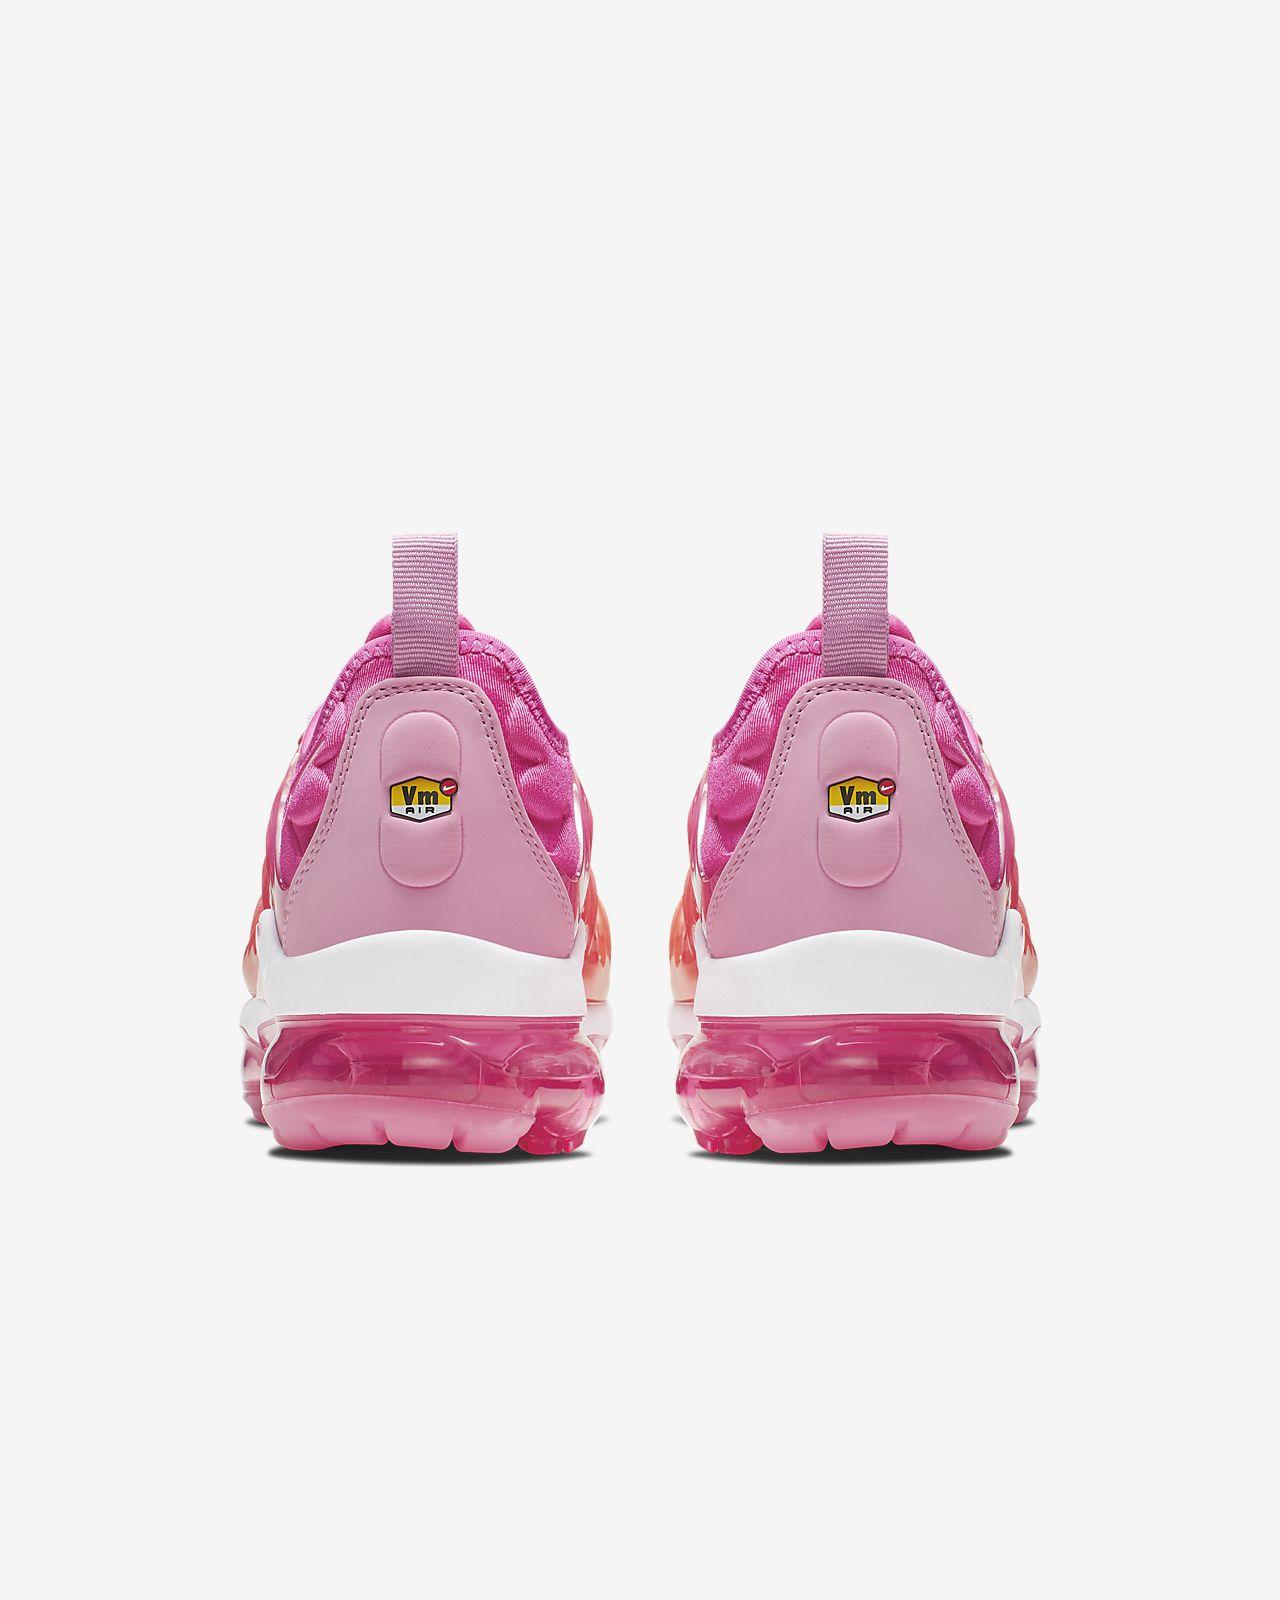 e27e5d7e8ea8 Nike Air VaporMax Plus Women s Shoe. Nike.com